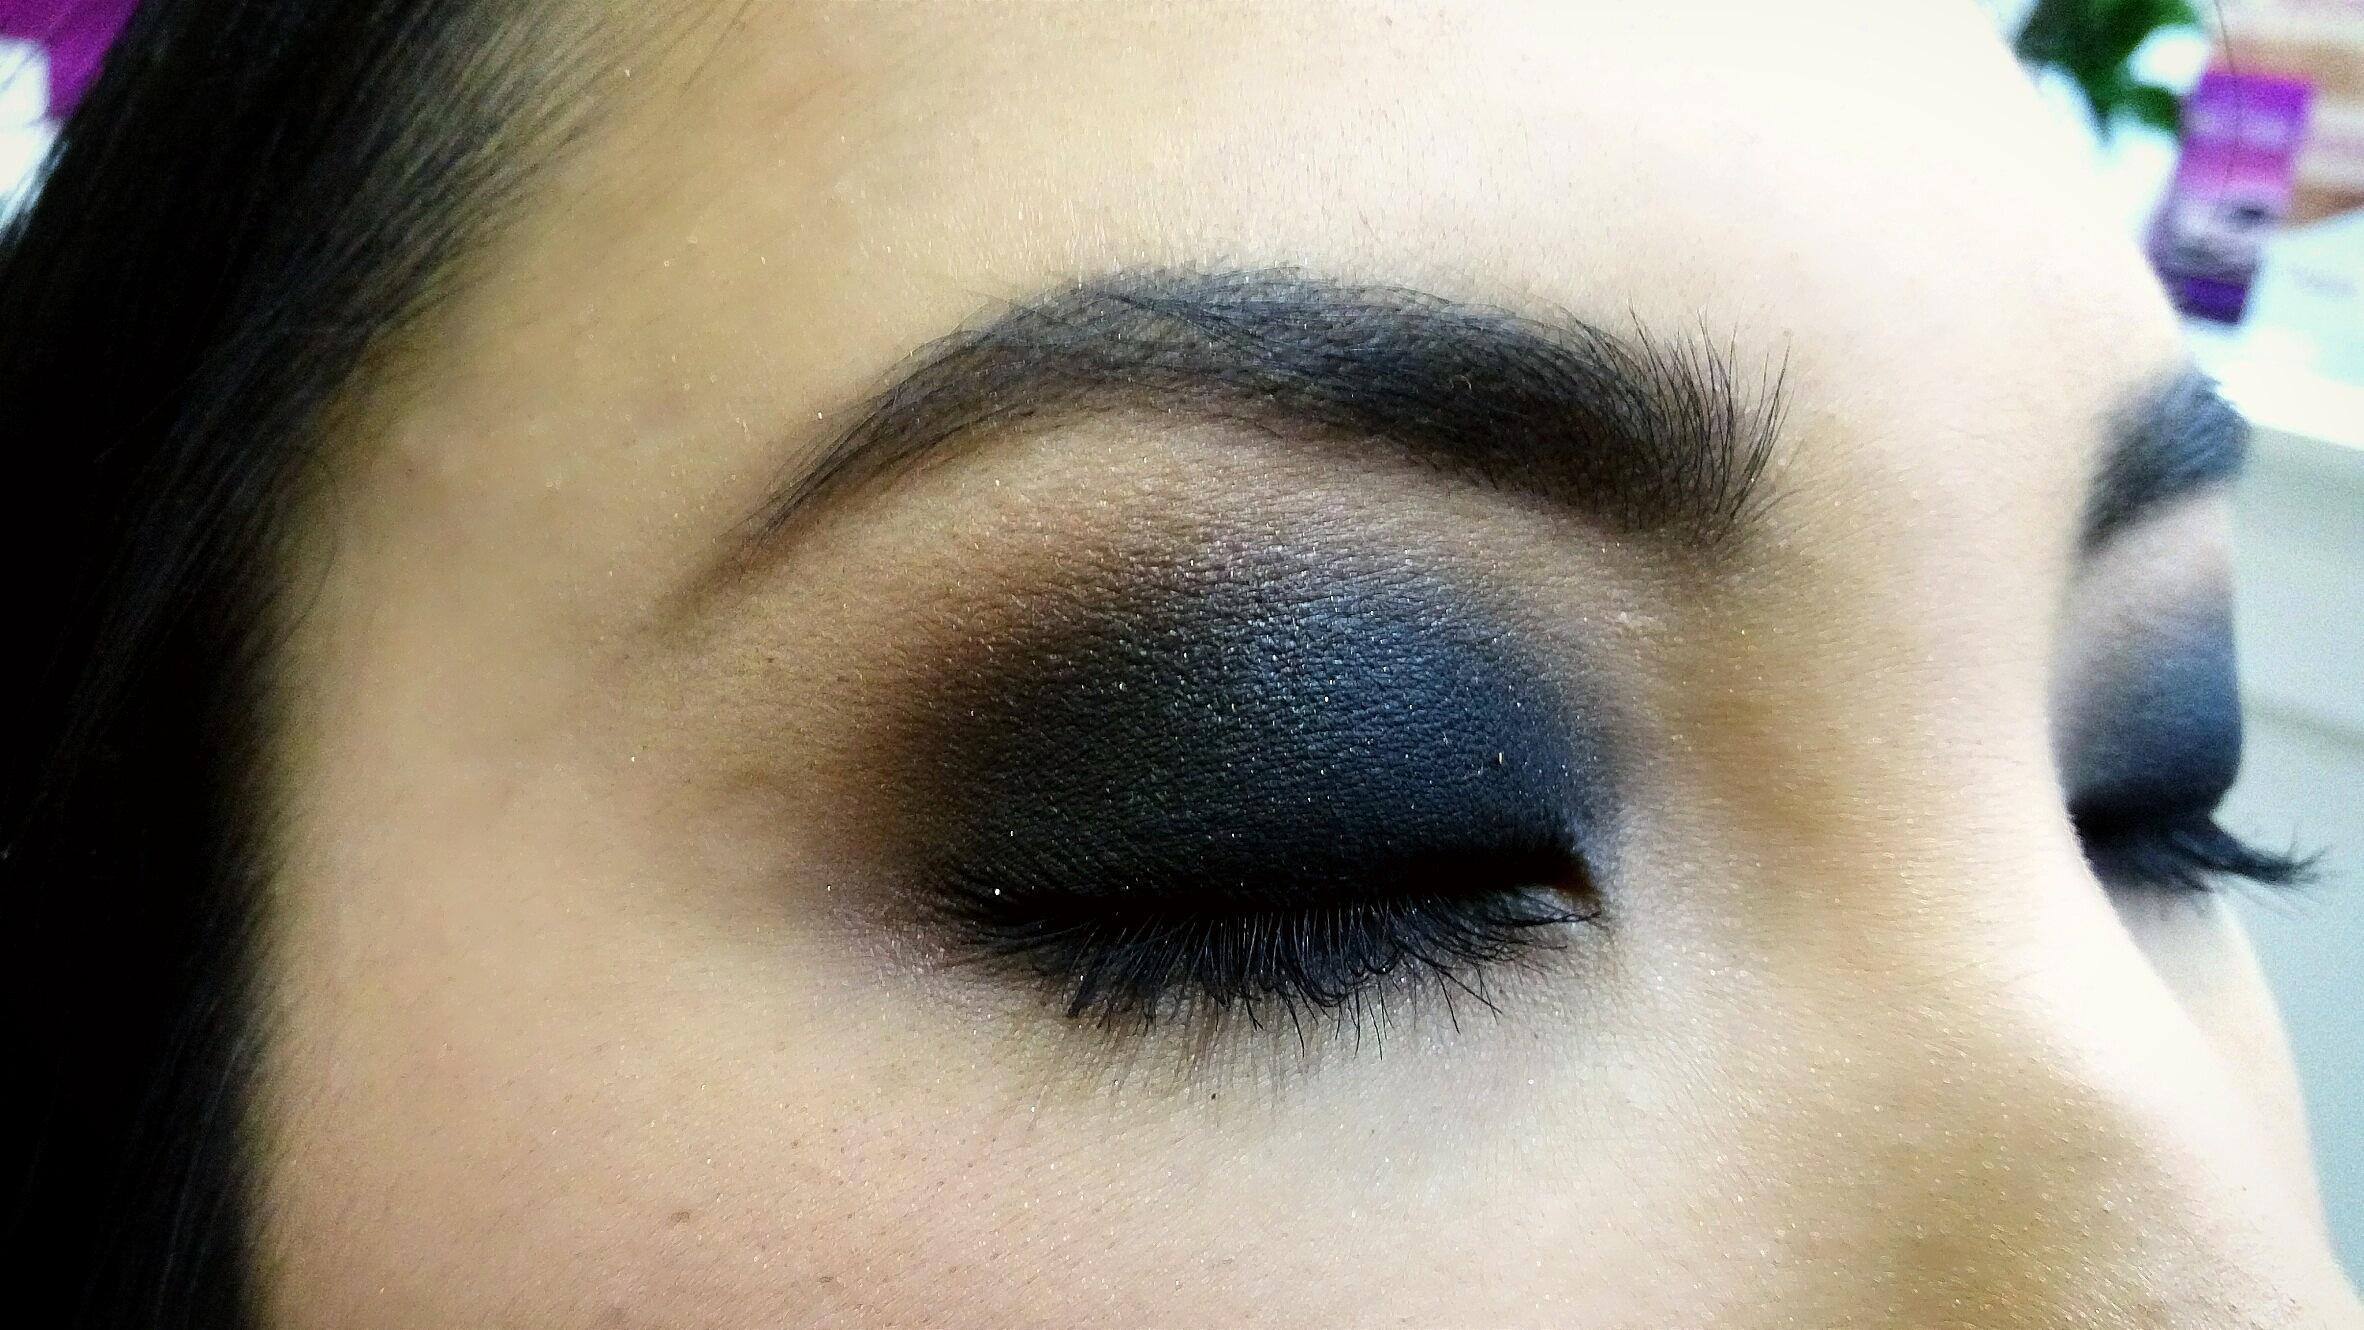 #makeup #conceptualmakeup #maquiagemconceitual #maquiagem #olhosesfumados #olhoriental #esfumado preto #casamento #noivas #madrinhas maquiagem maquiador(a)